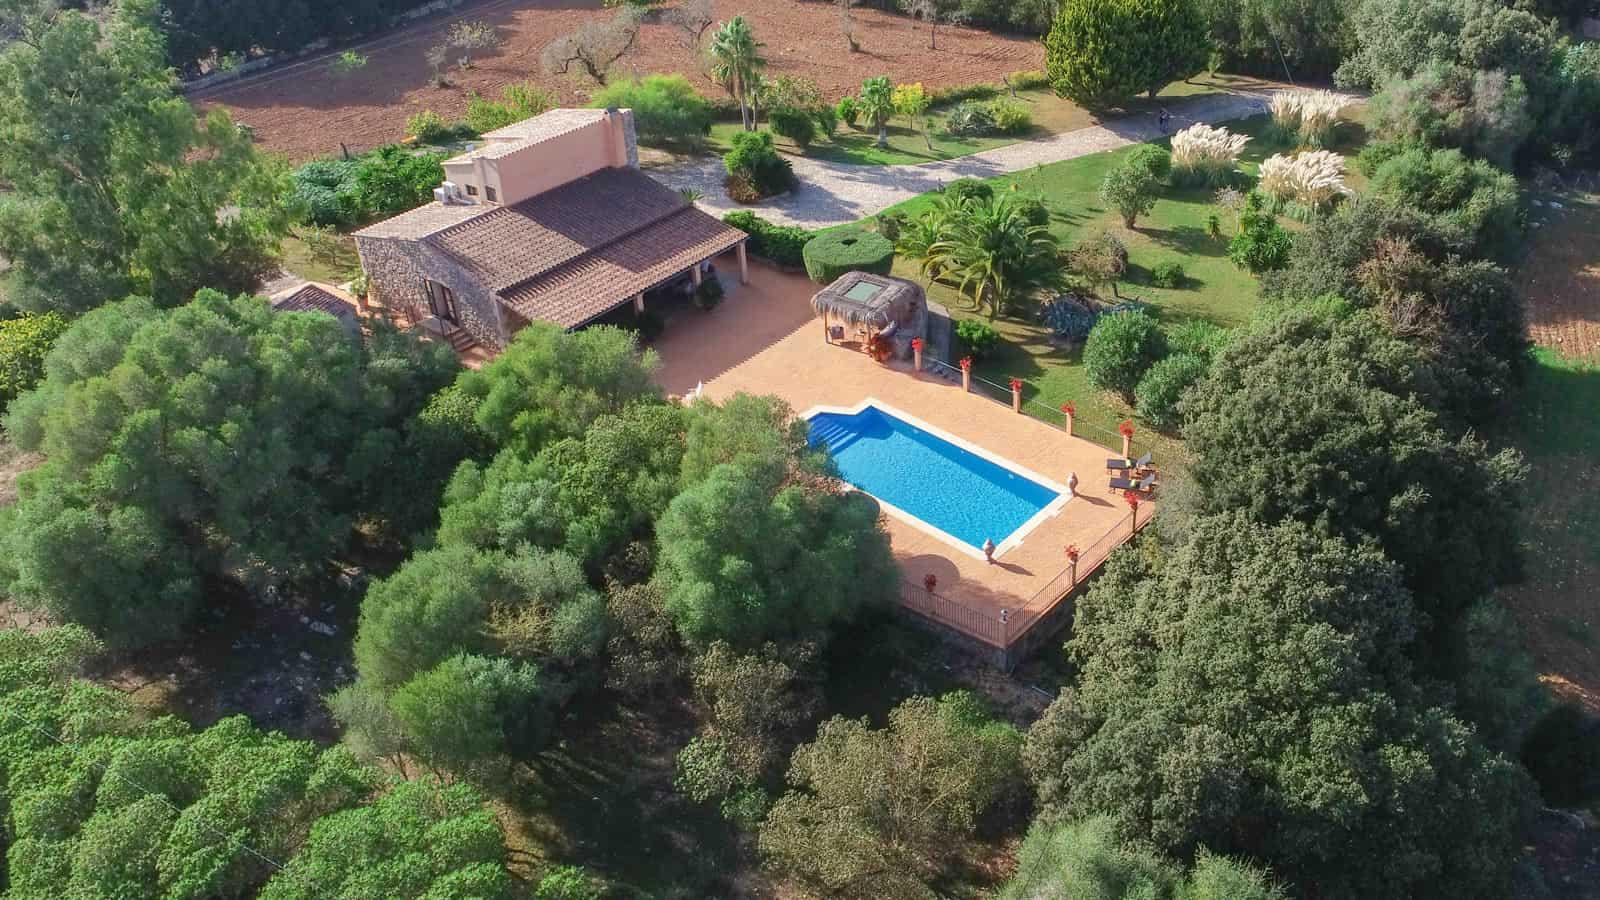 casa mallorquina con piscina